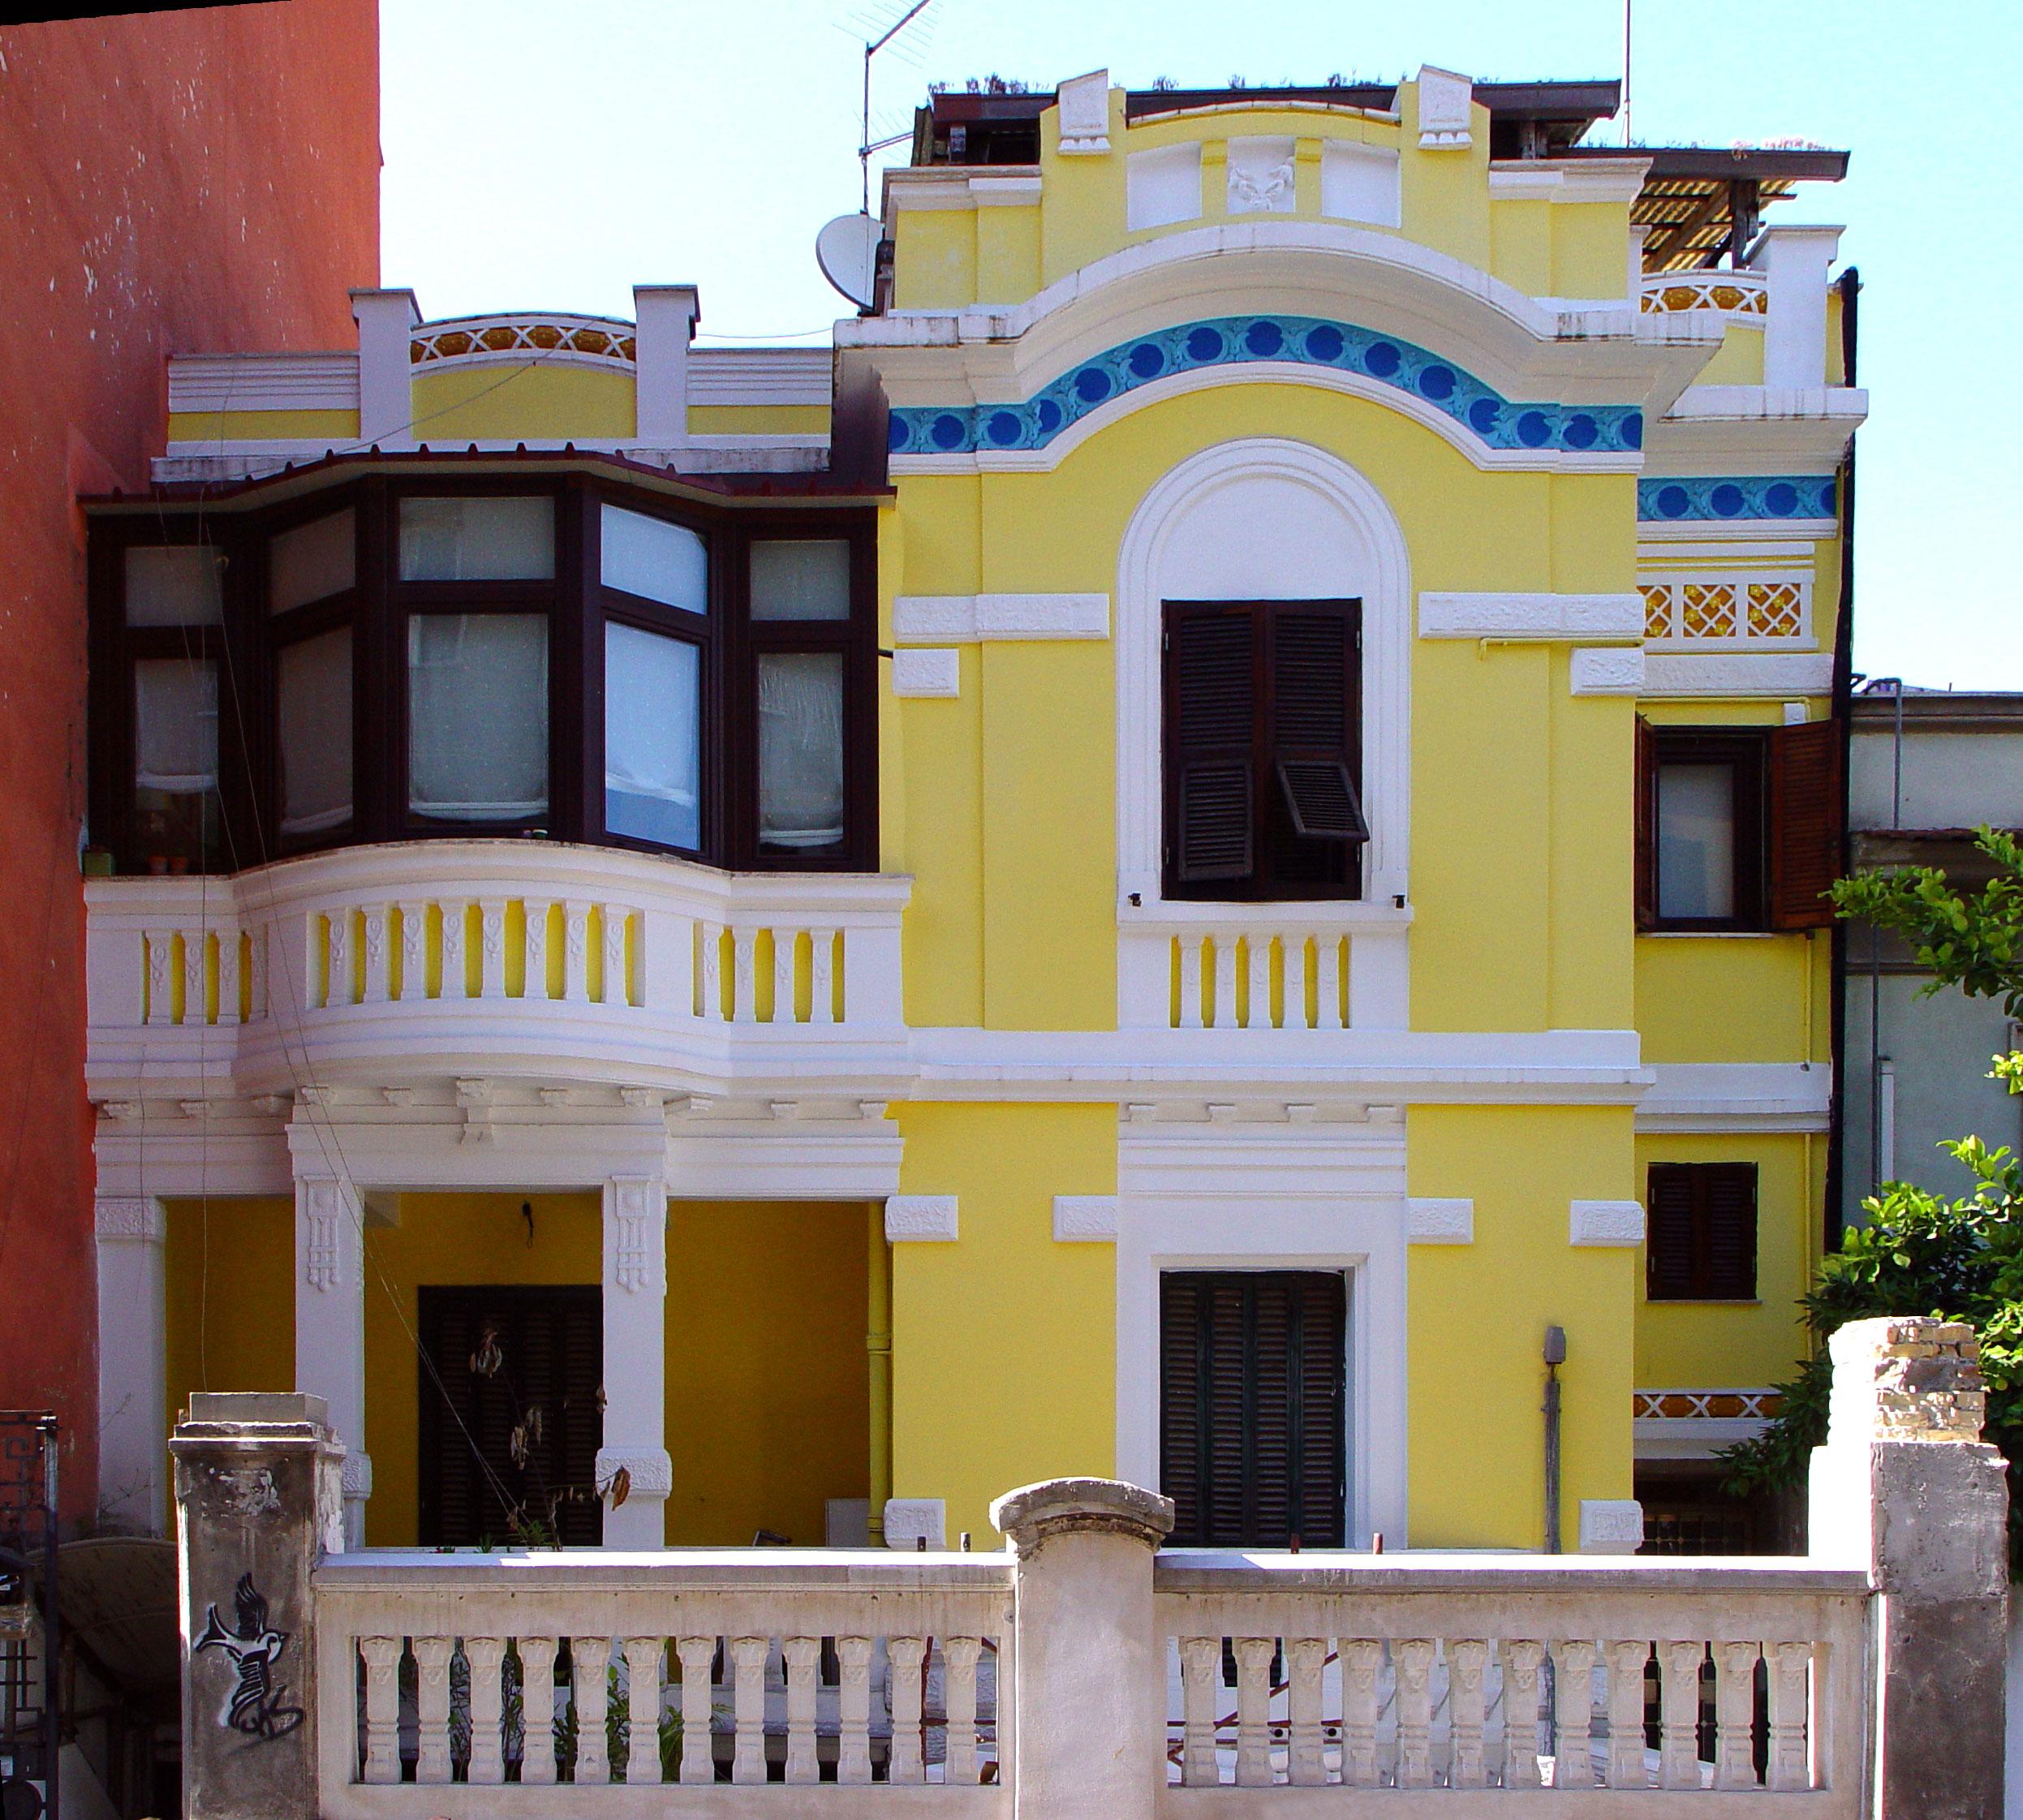 Il quartiere pigneto roma - Casa stile liberty ...